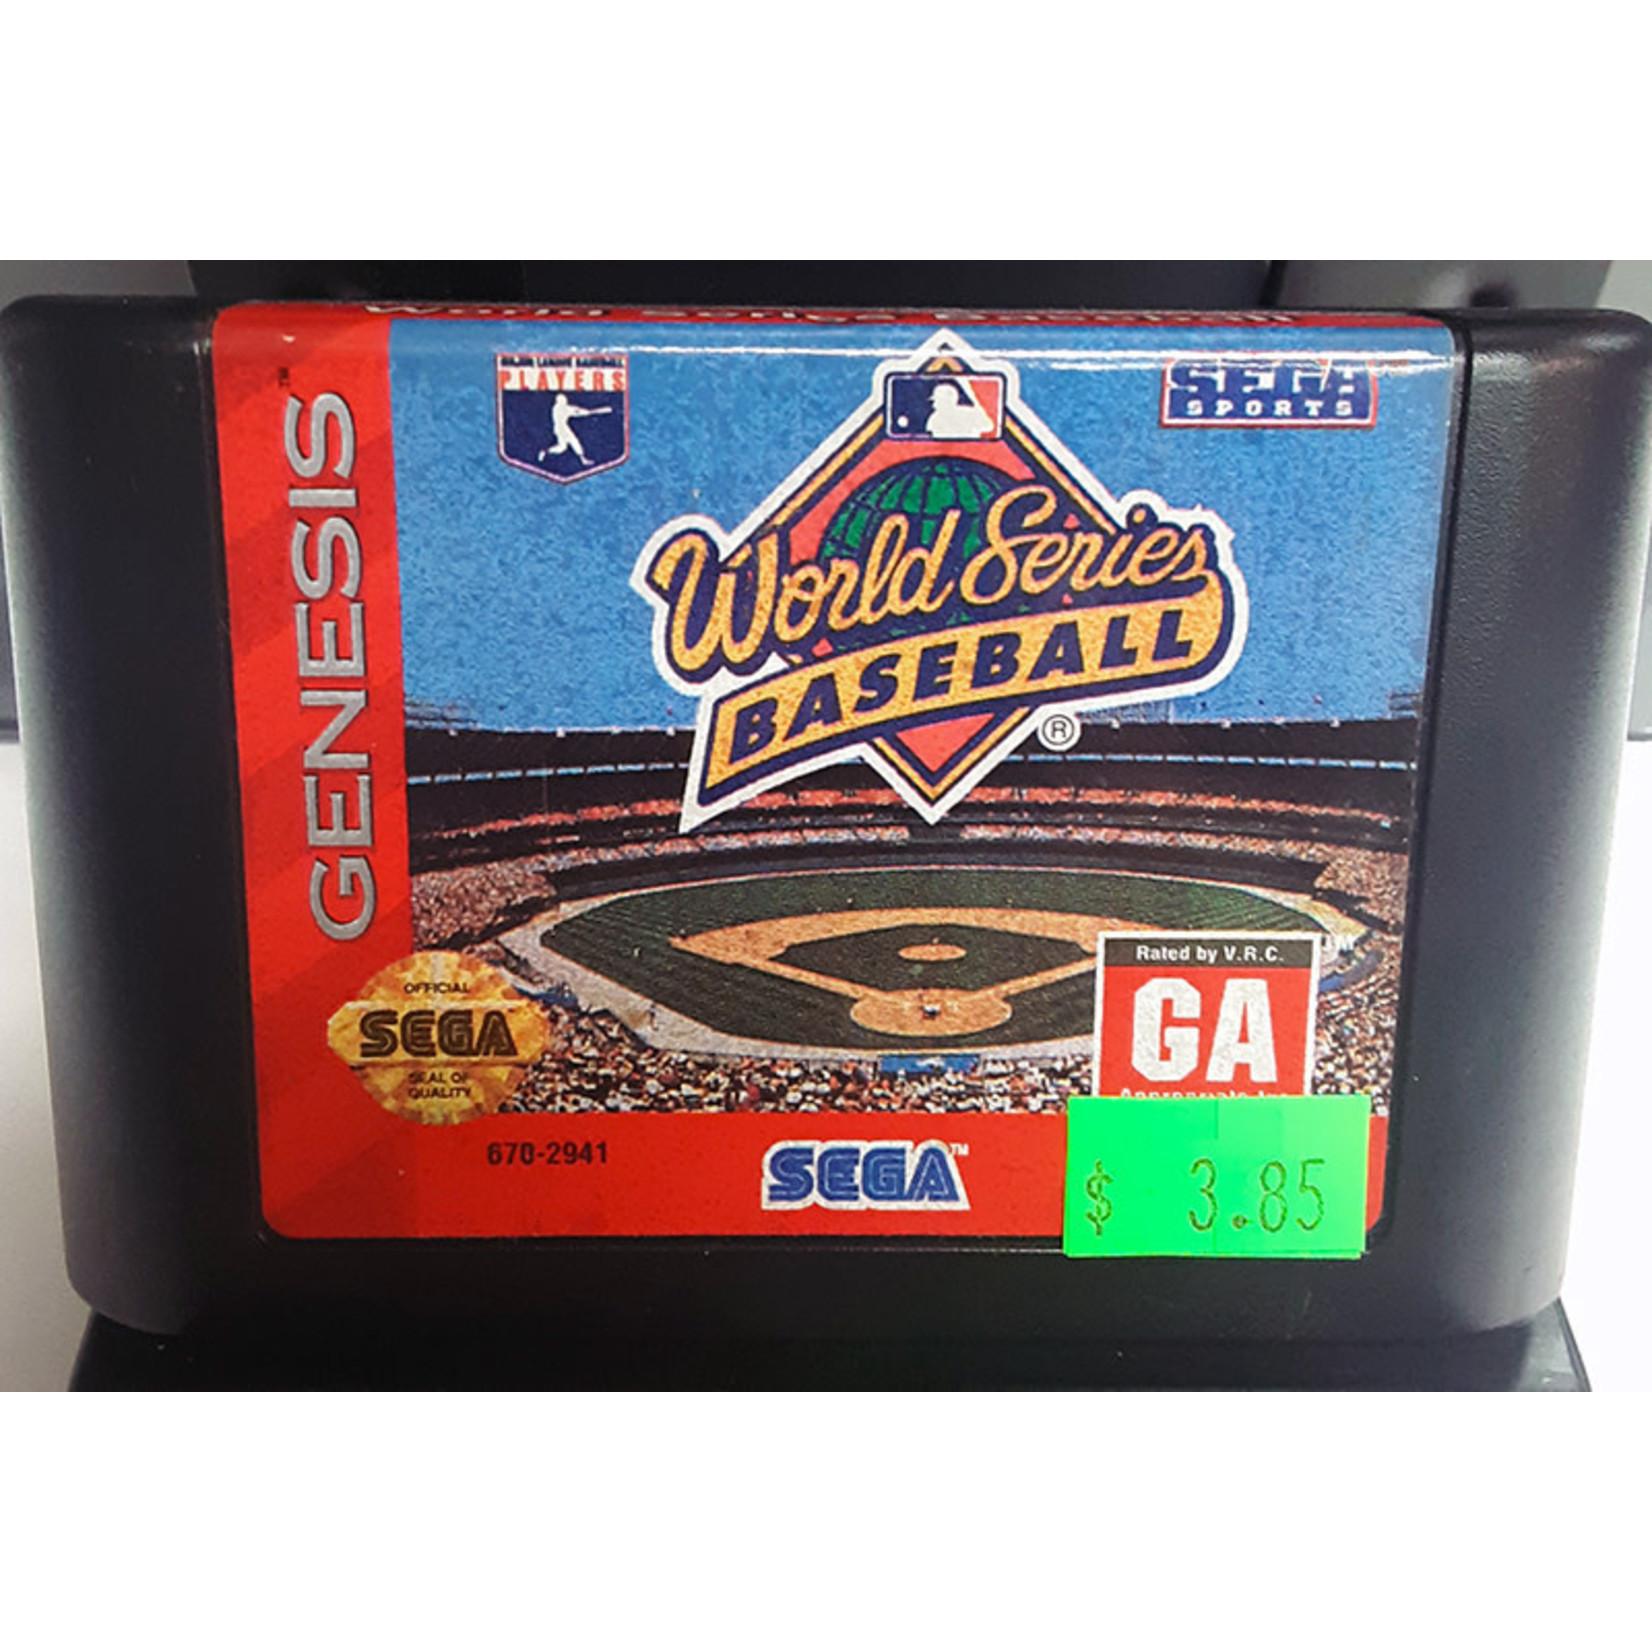 sgu-World Series Baseball (cartridge)